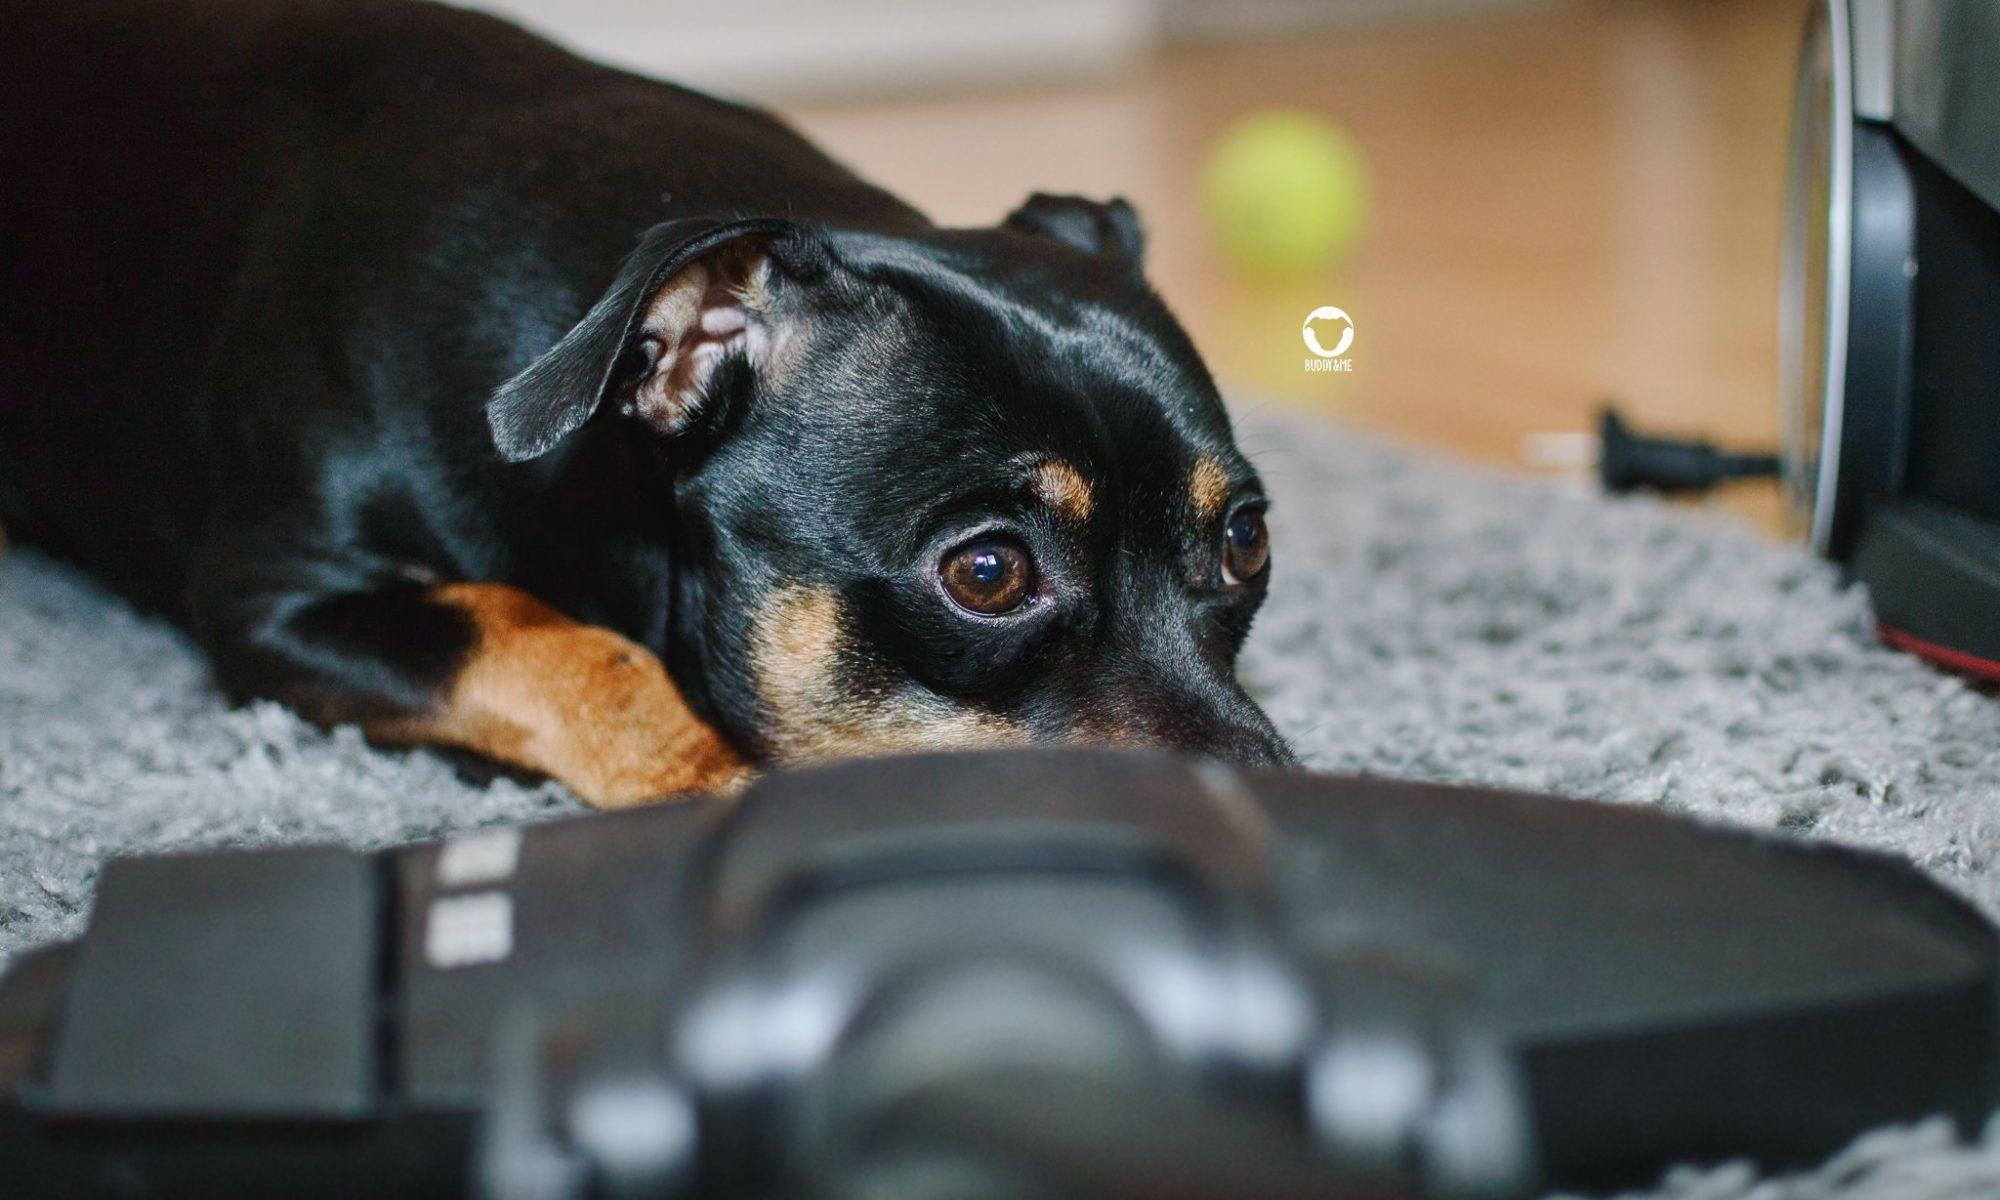 Pinscher Buddy, Buddy and Me, Hundeblog, Dogblog, Staubsauger, Haushalt, Angst, Ungeheuer, verstecken, flüchten, Hundealltag